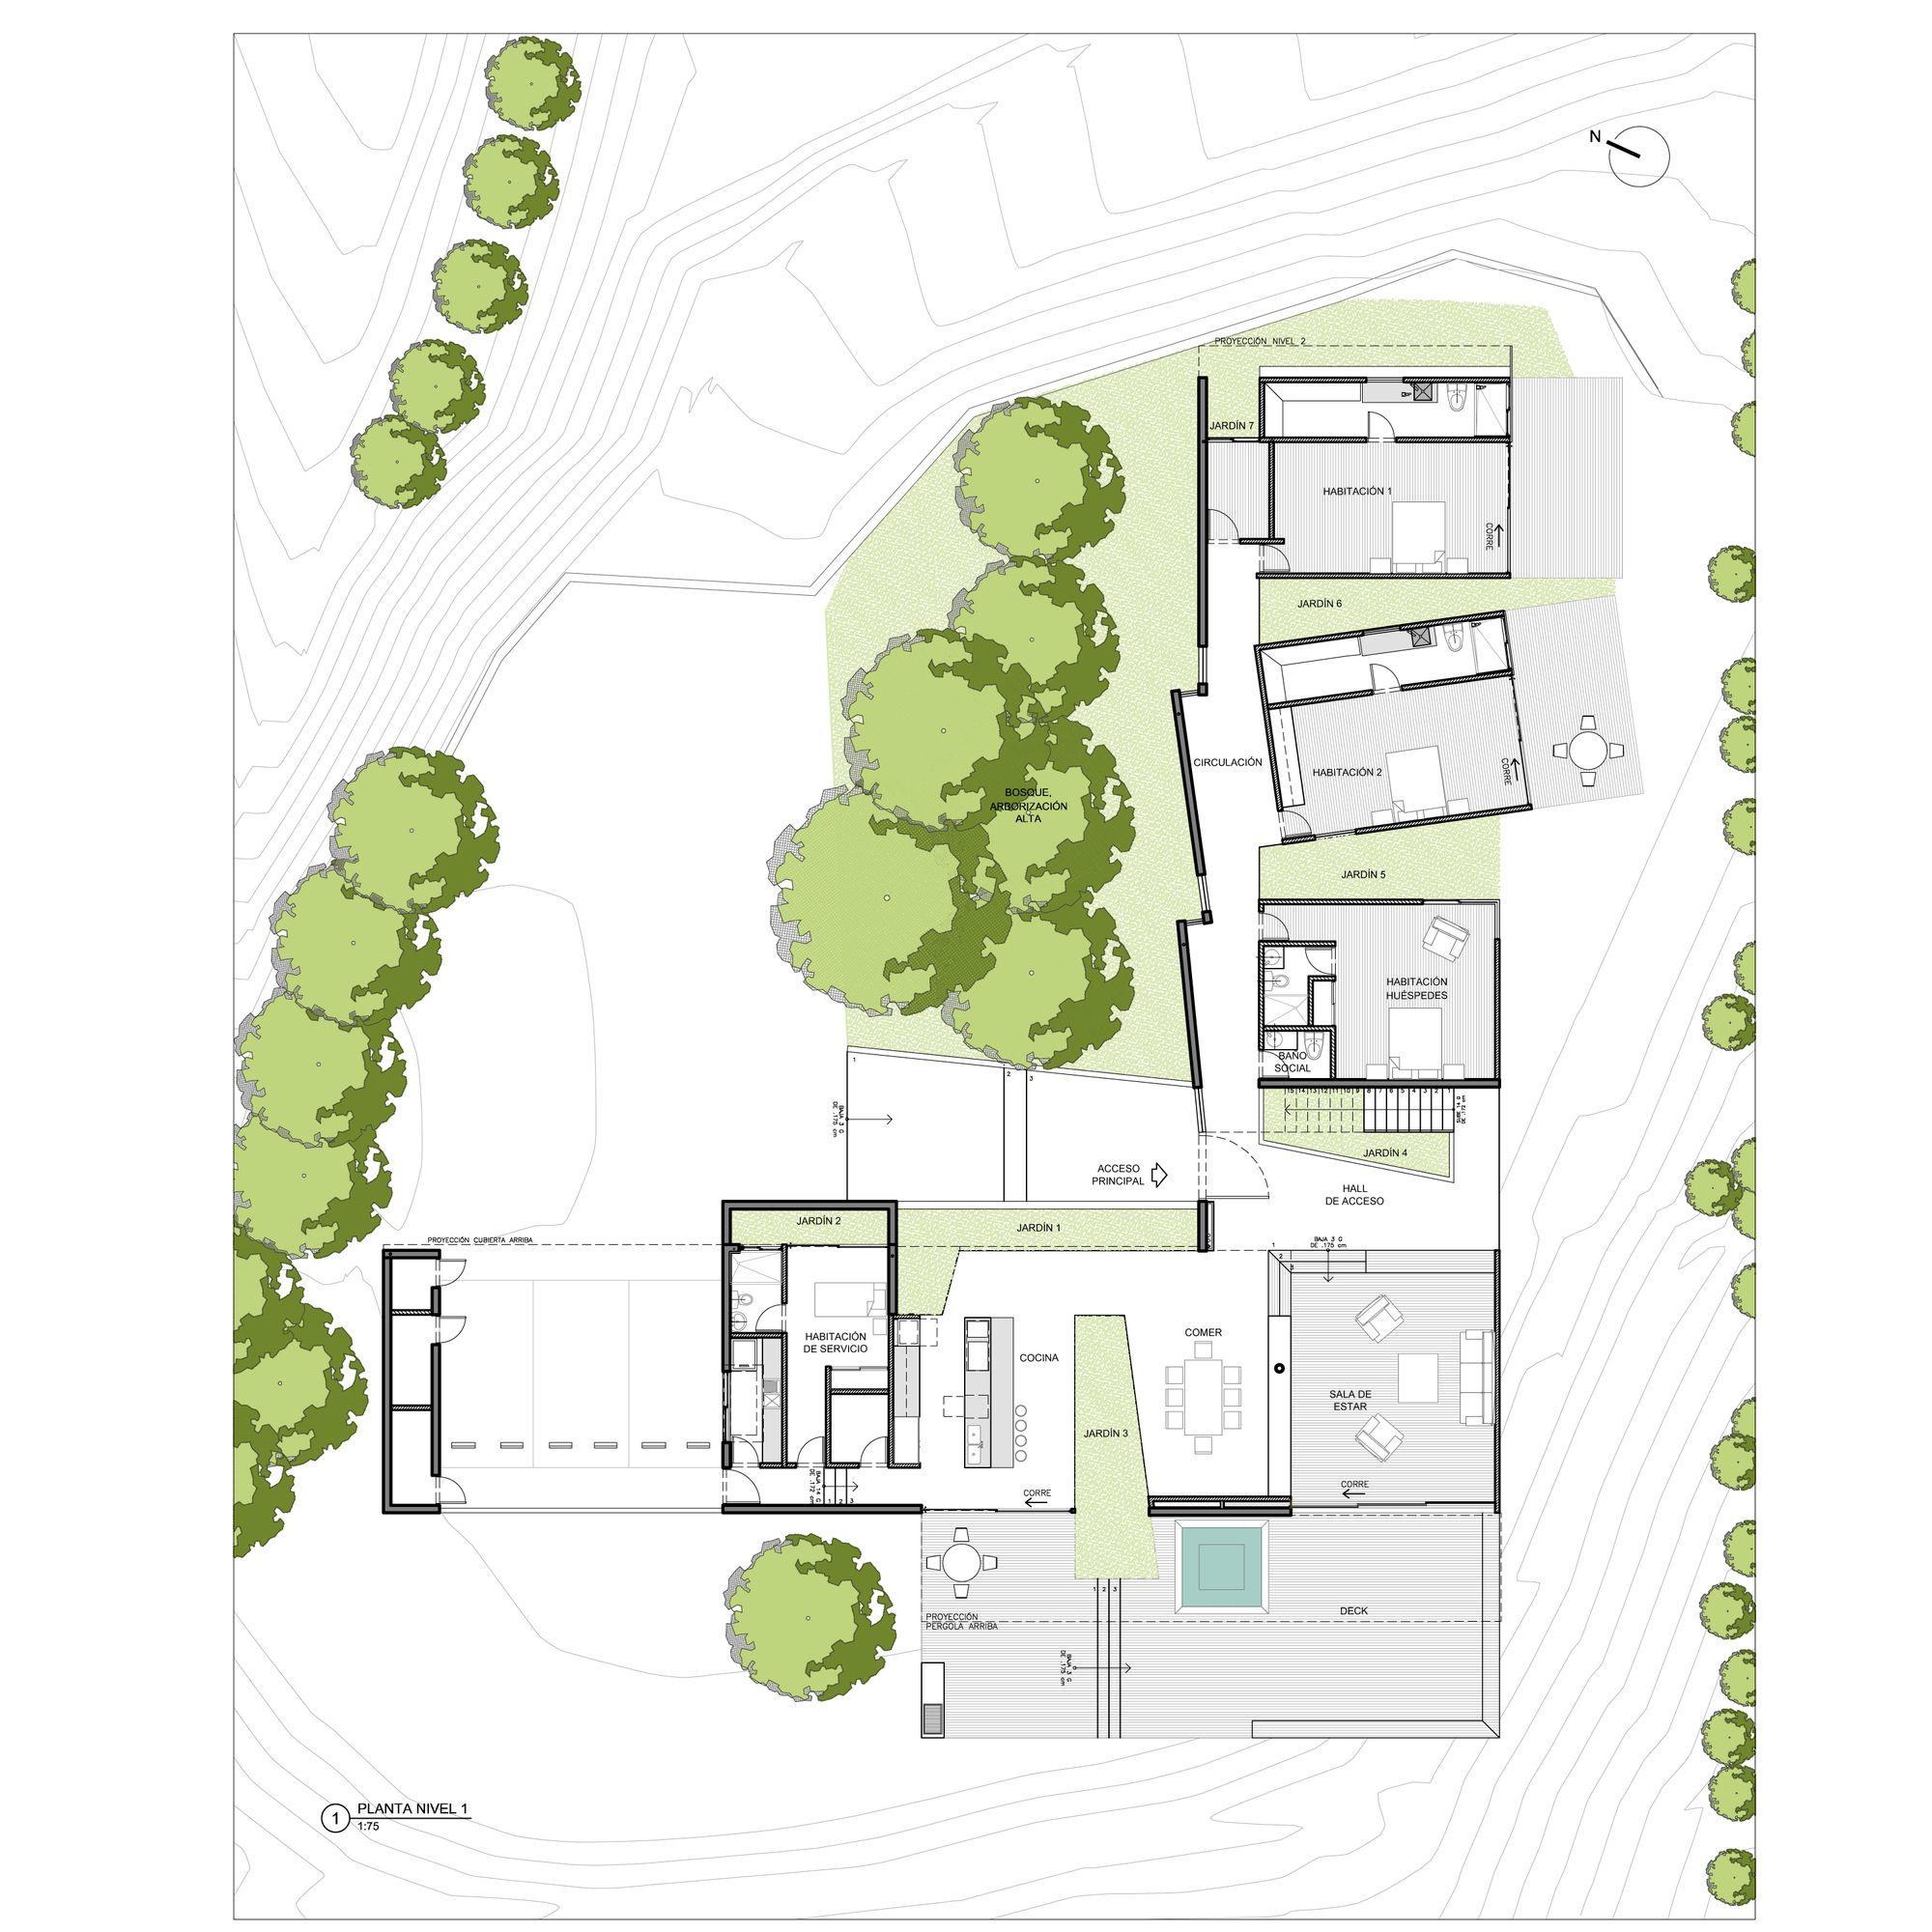 Galer a de casa entre jardines planta baja estudio for Arquitectura 5 de mayo plan de estudios